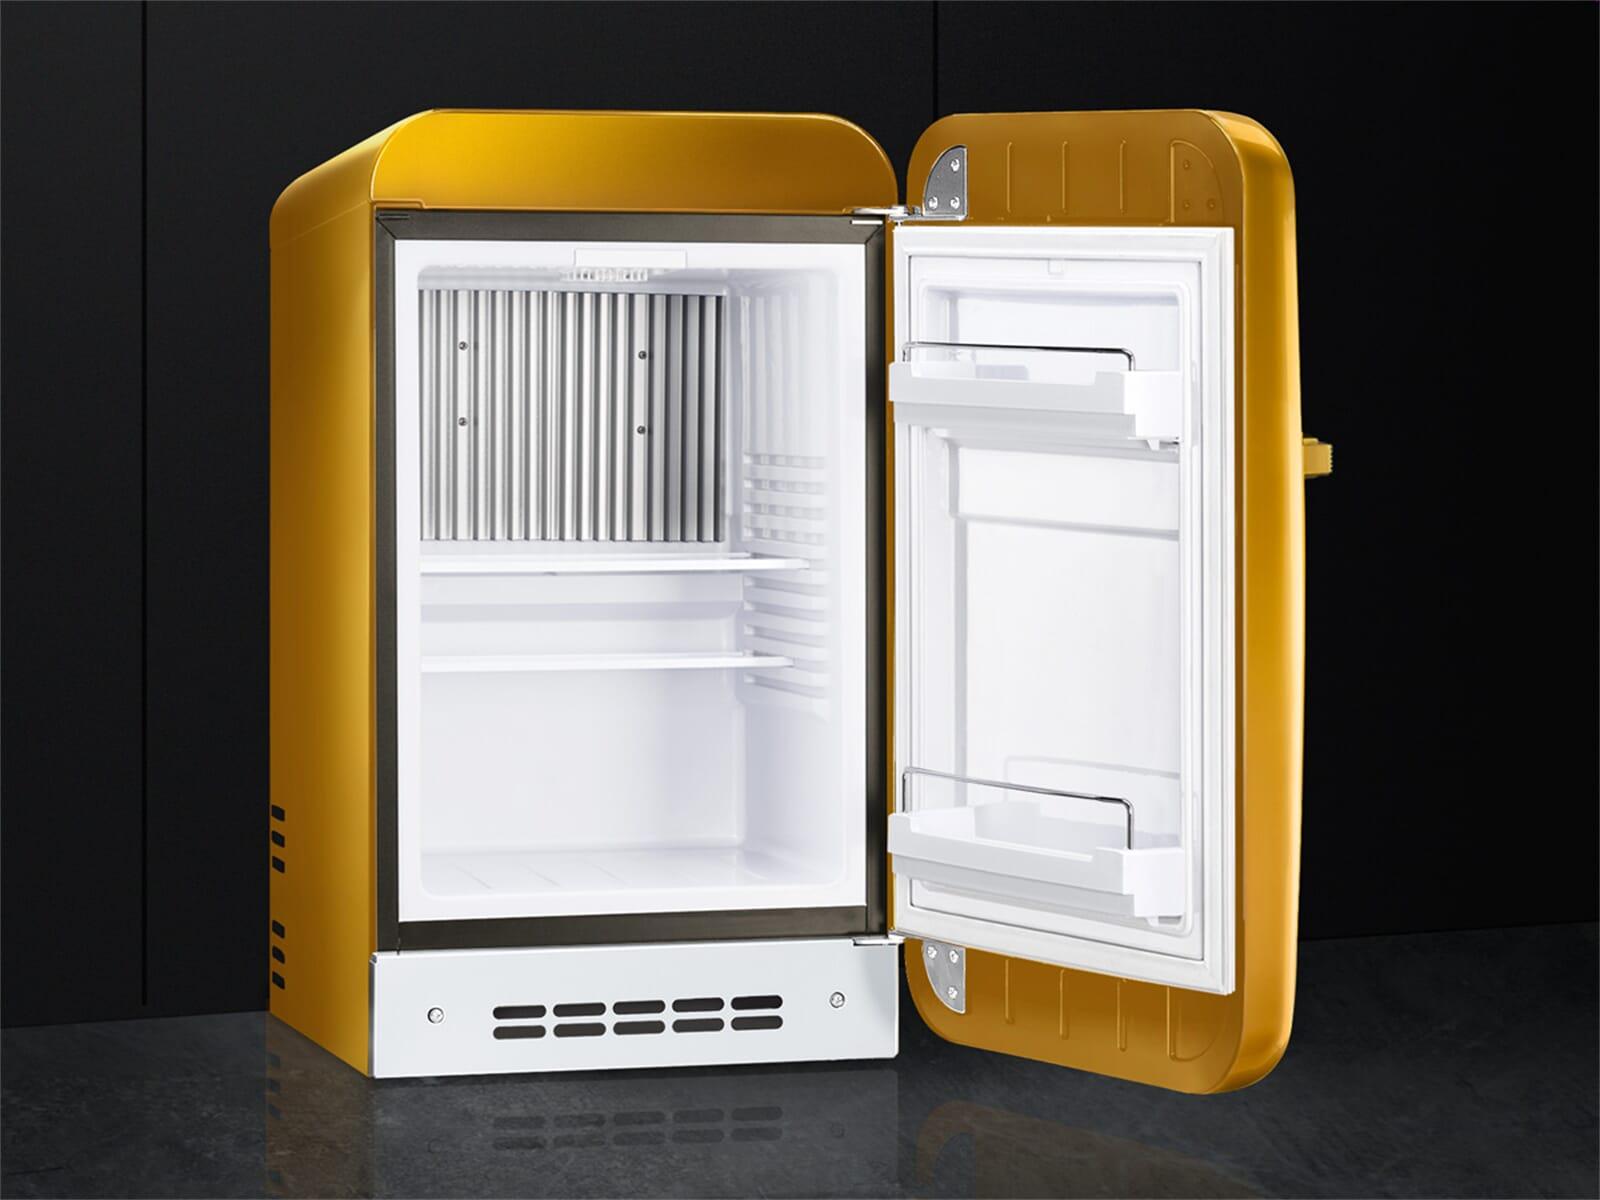 Smeg Kühlschrank Db : Smeg fab5rgo standkühlschrank gold swarowski